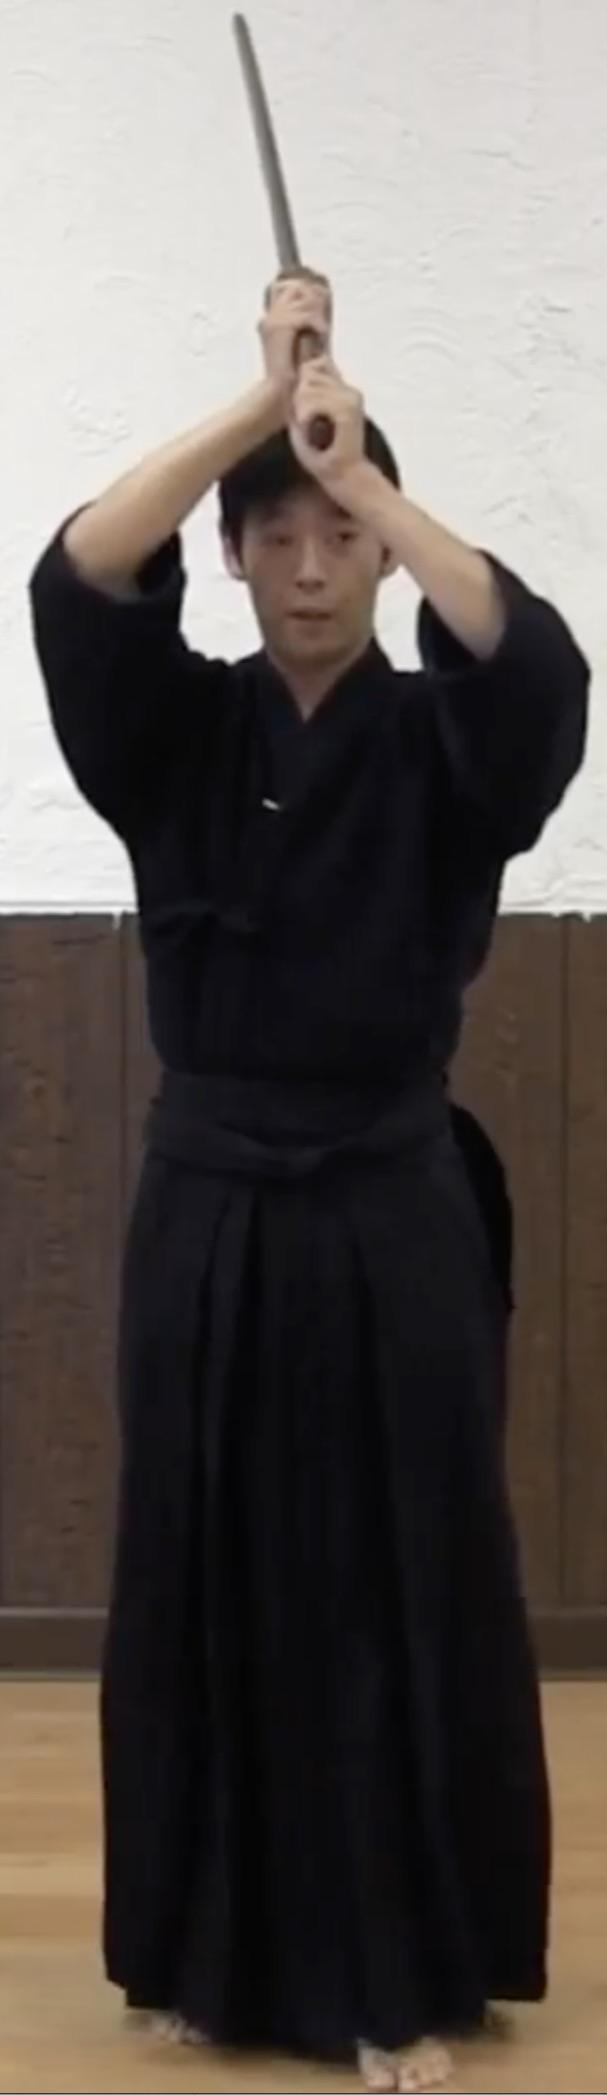 Kendo Kata No.5 Go honme Uchitachi Hidari Jodan